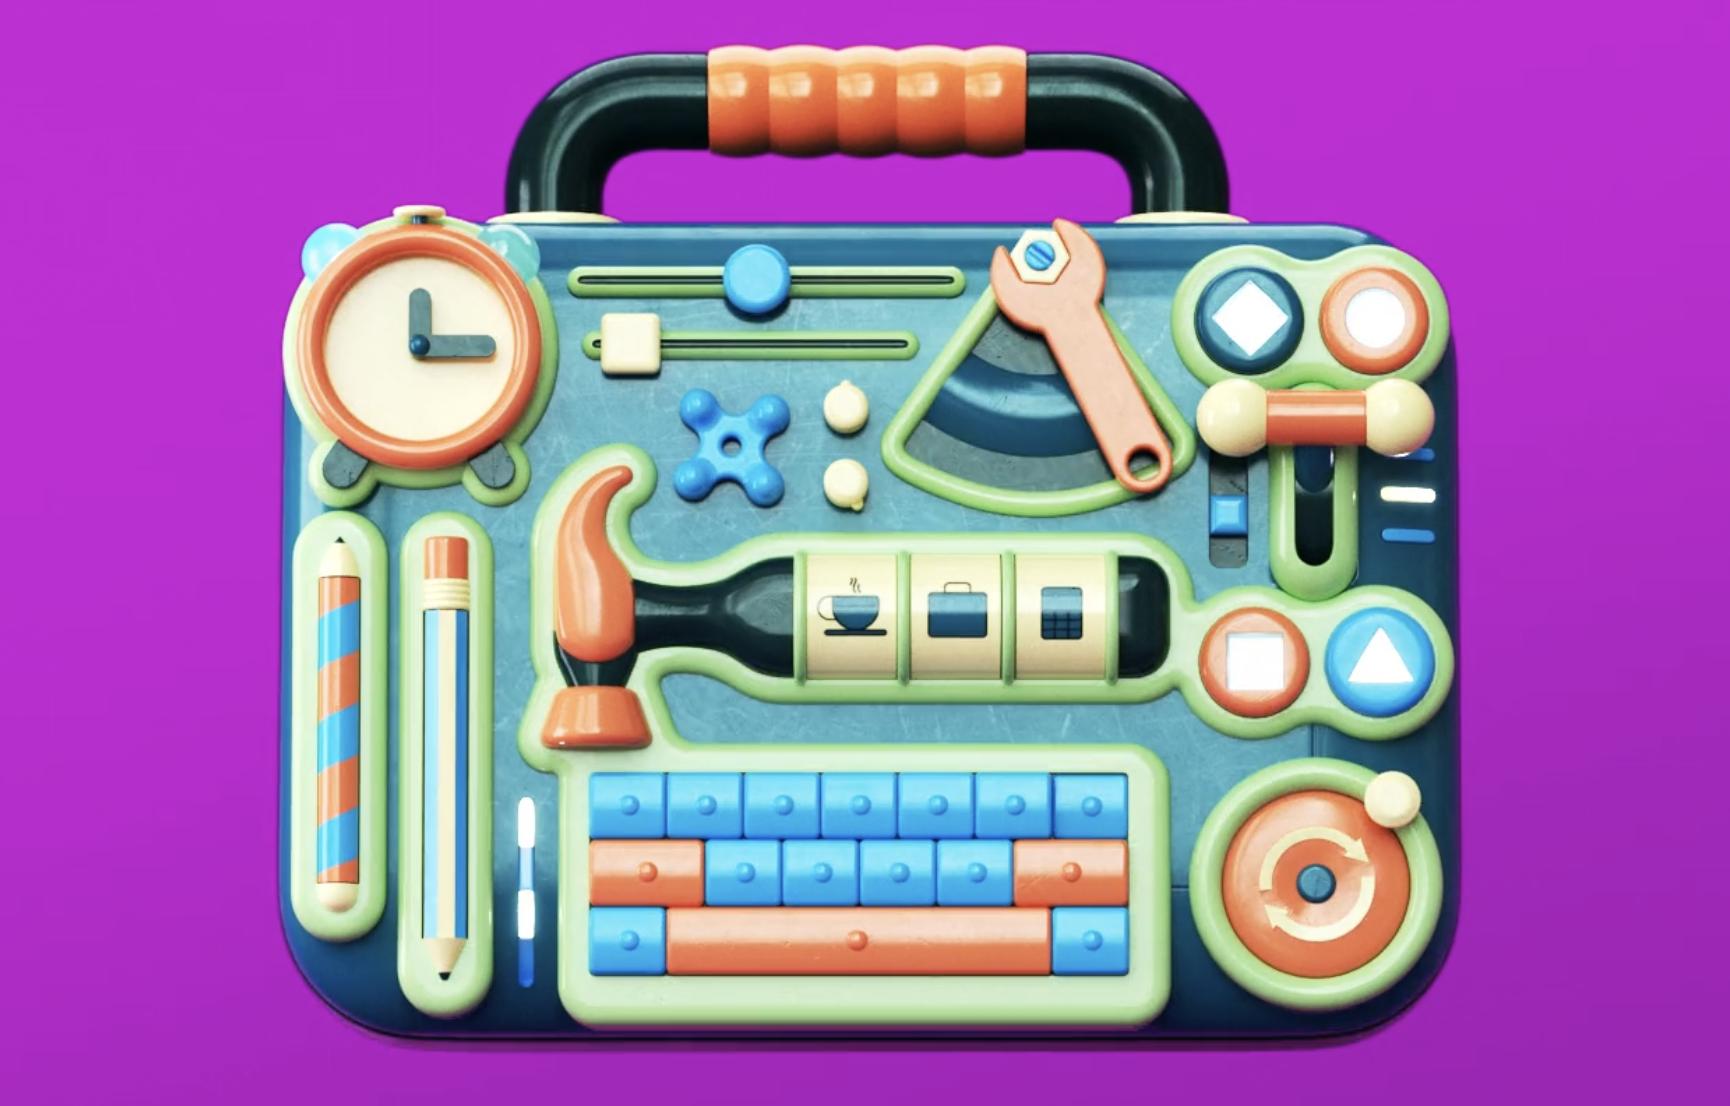 Fun & Games by Bullpen